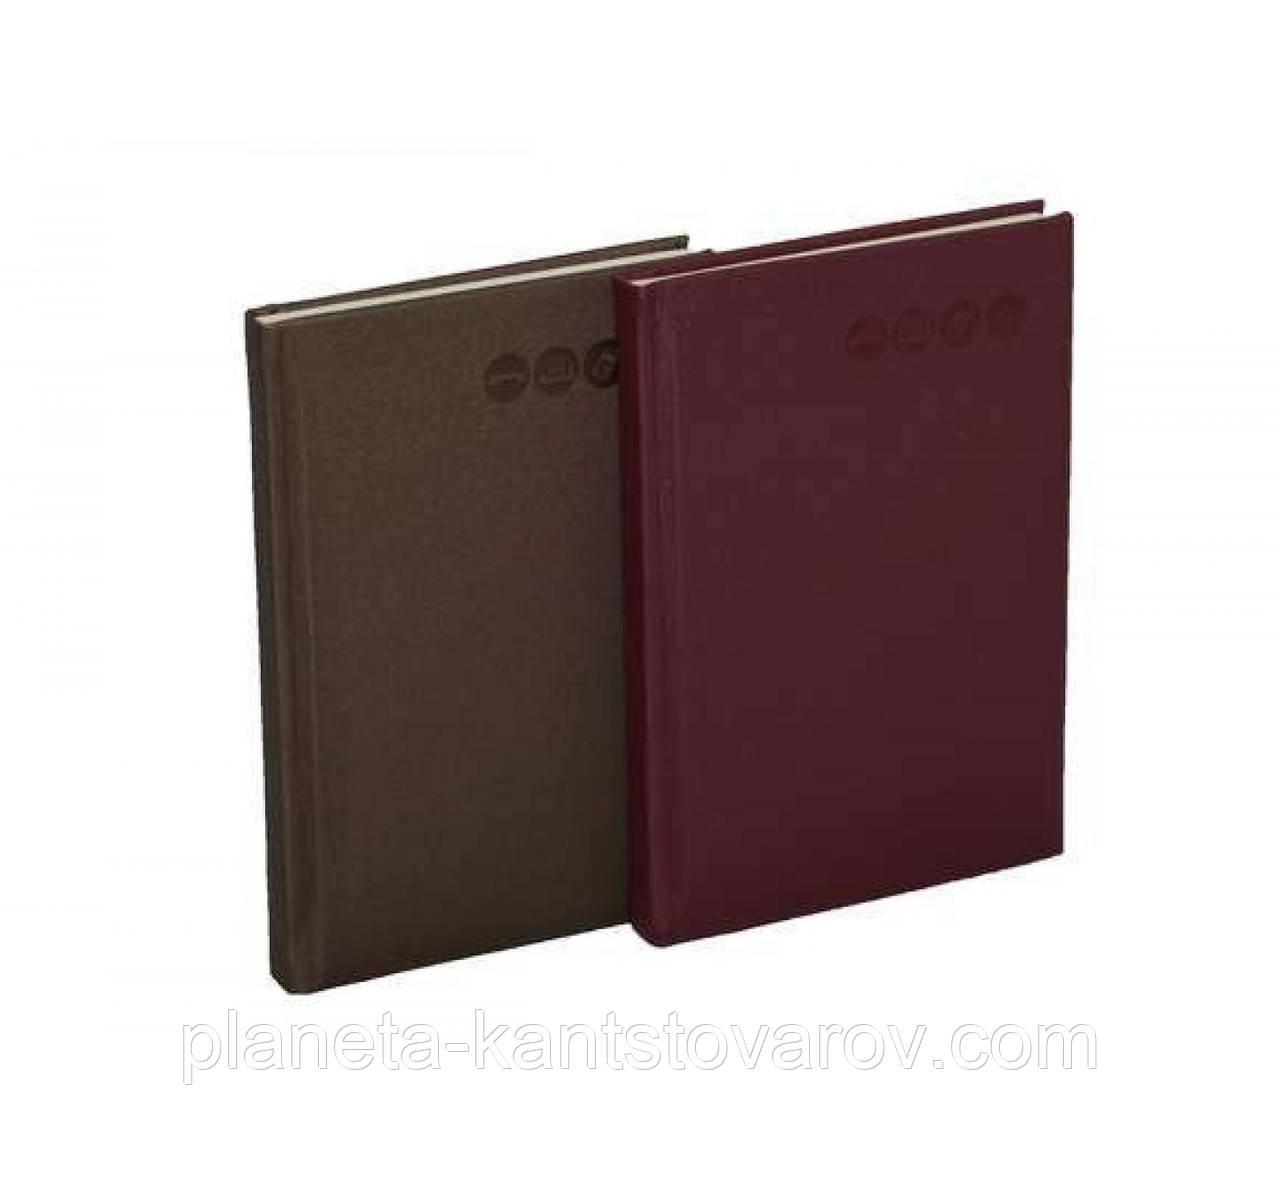 Блокнот-телефонная книга А5 (120 листов) WB-5317